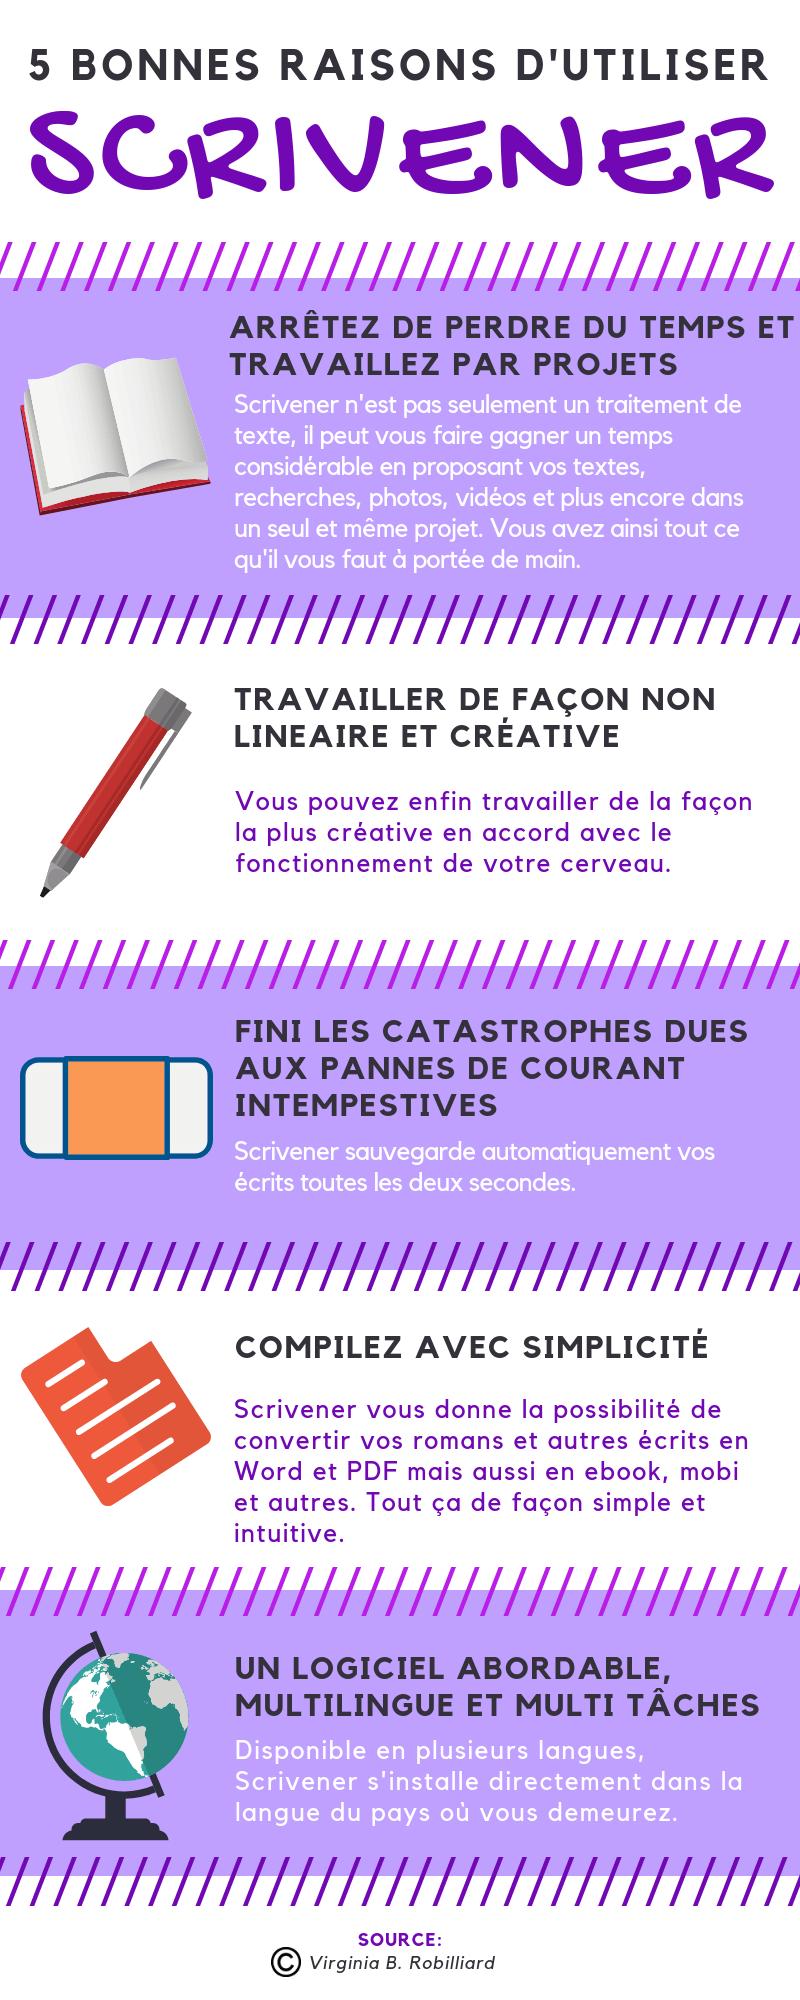 Infographie 5 bonnes raisons d'utiliser Scrivener.png